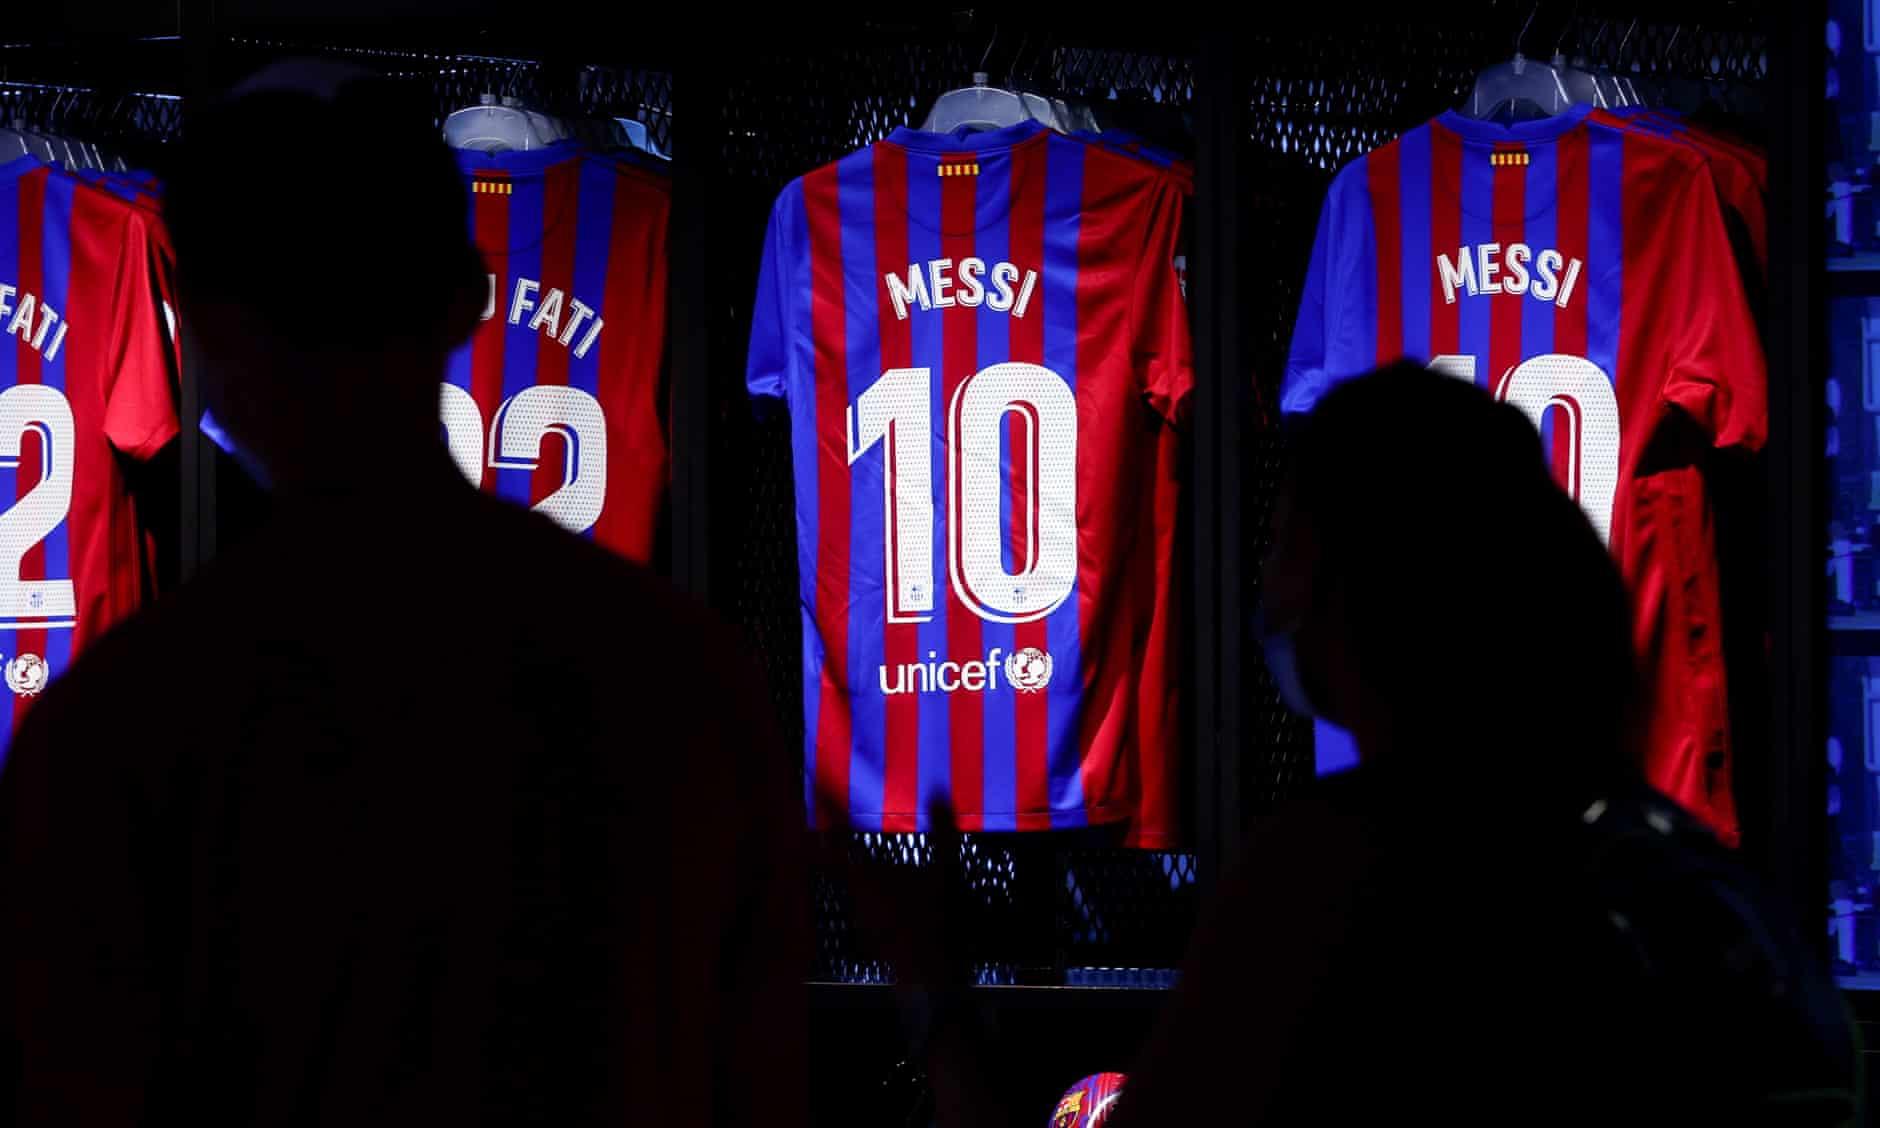 Messi masuk dalam koleksi jersey musim 2021-2022 yang diluncurkan Barca ke pasaran, namun ia masih berstatus bebas, karena belum terikat kontrak dengan klub.  Foto: EPA